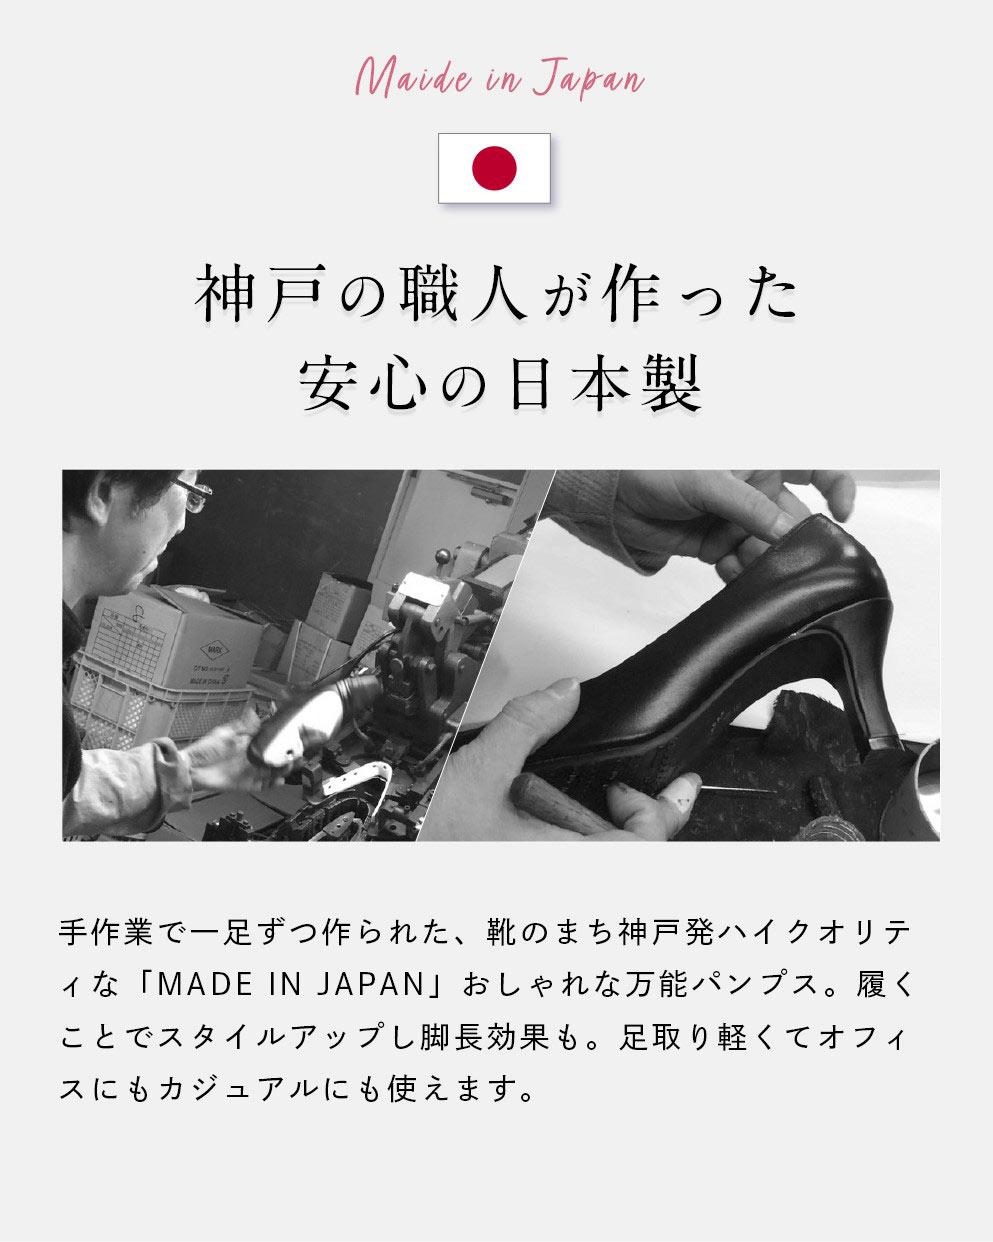 神戸の職人が作った安心の日本製